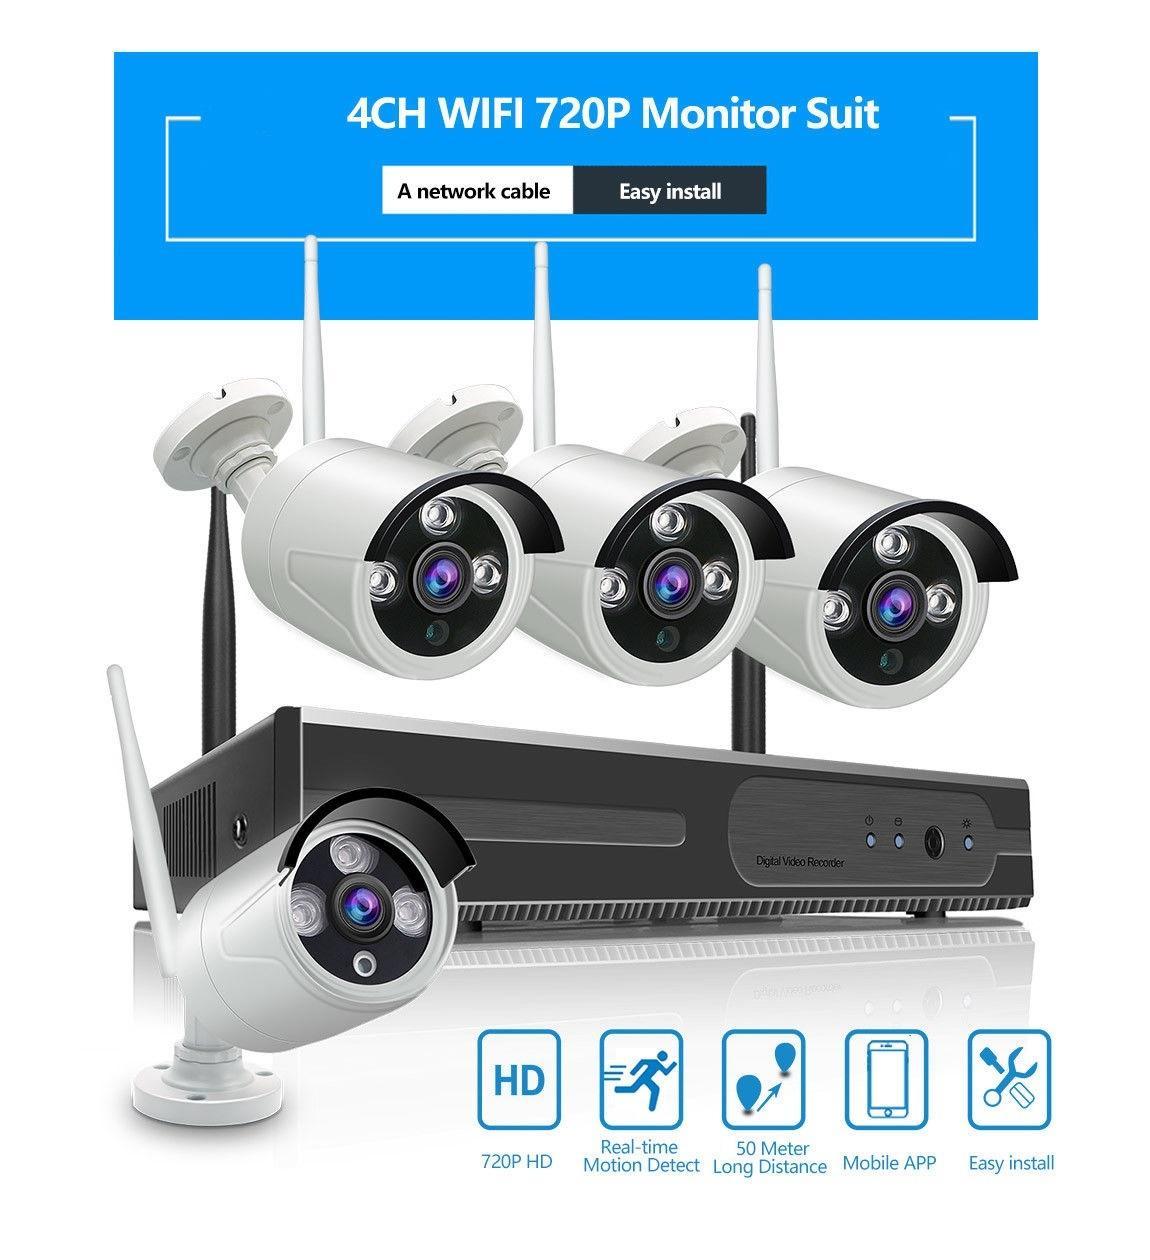 Bán Bộ Đầu Ghi Nvr Hd 4 Camera Wifi 720P Khong Day Rẻ Hồ Chí Minh